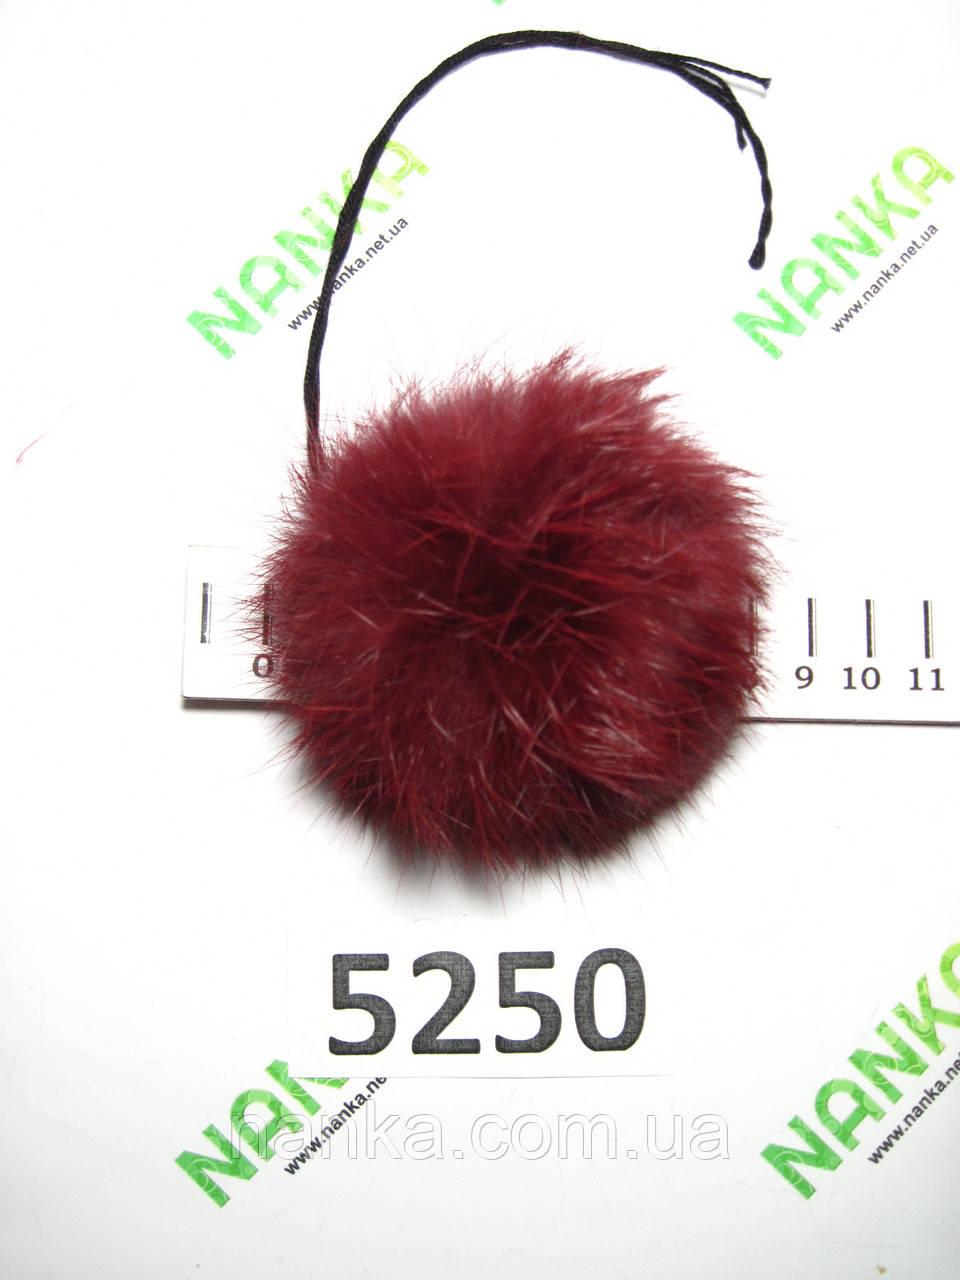 Меховой помпон Кролик, Бордовый, 8 см, 5250